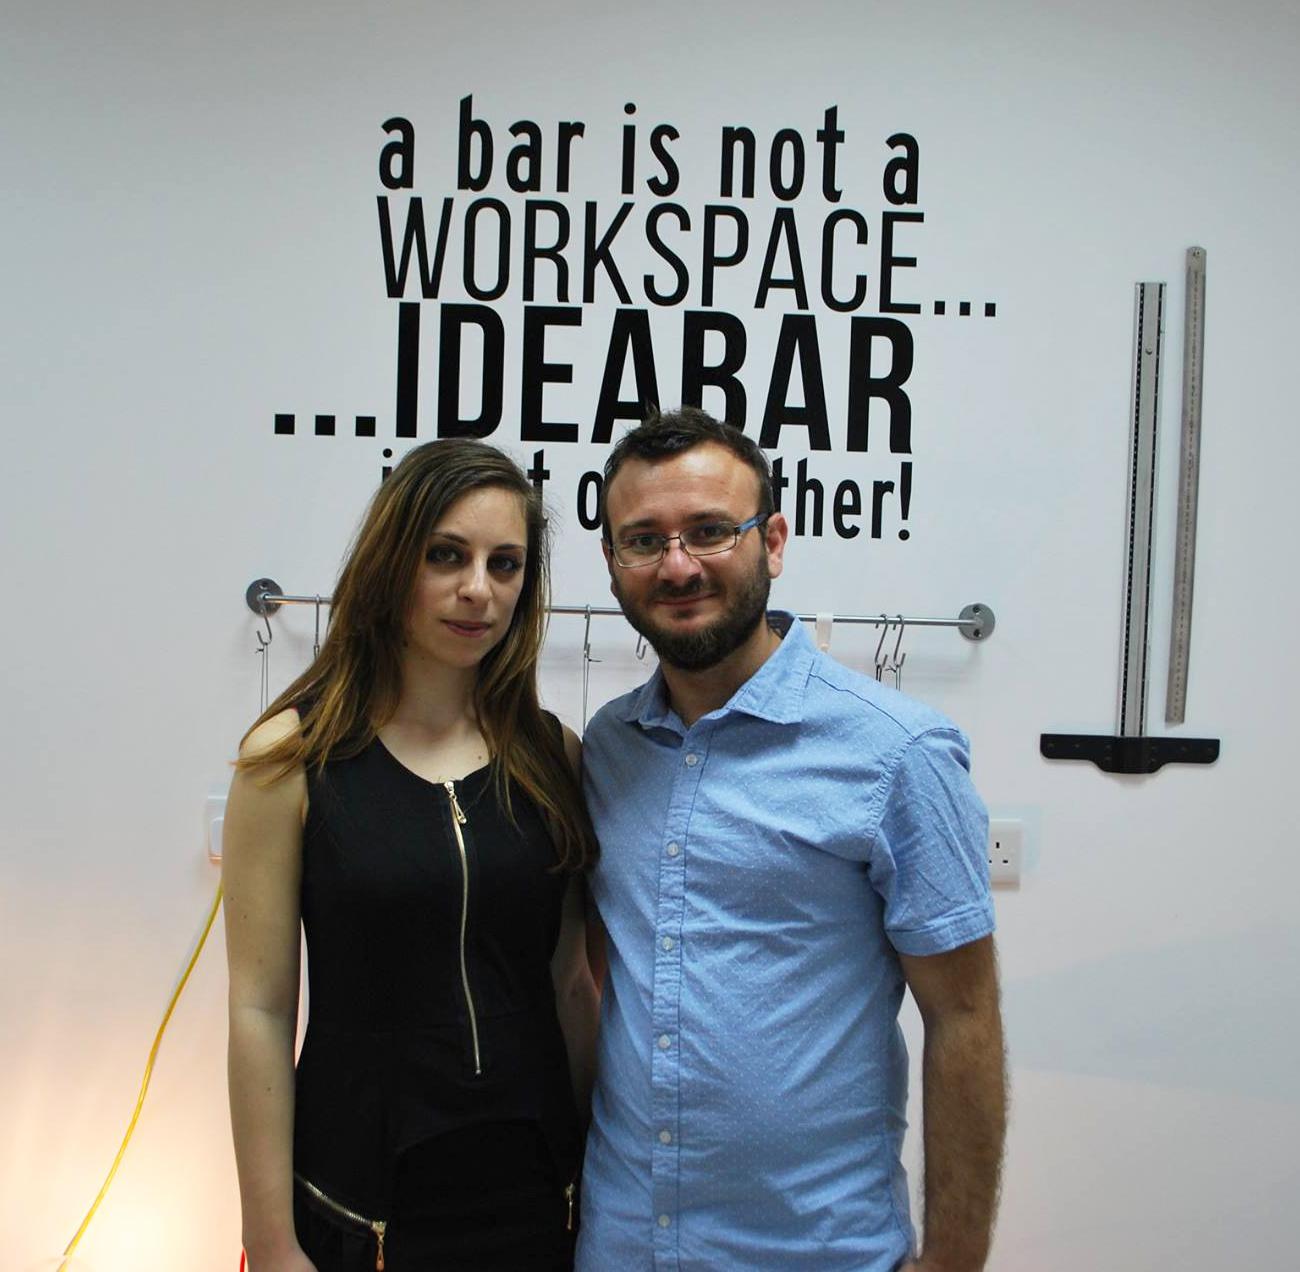 Ένα διαφορετικό bar που προσφέρει ιδέες!